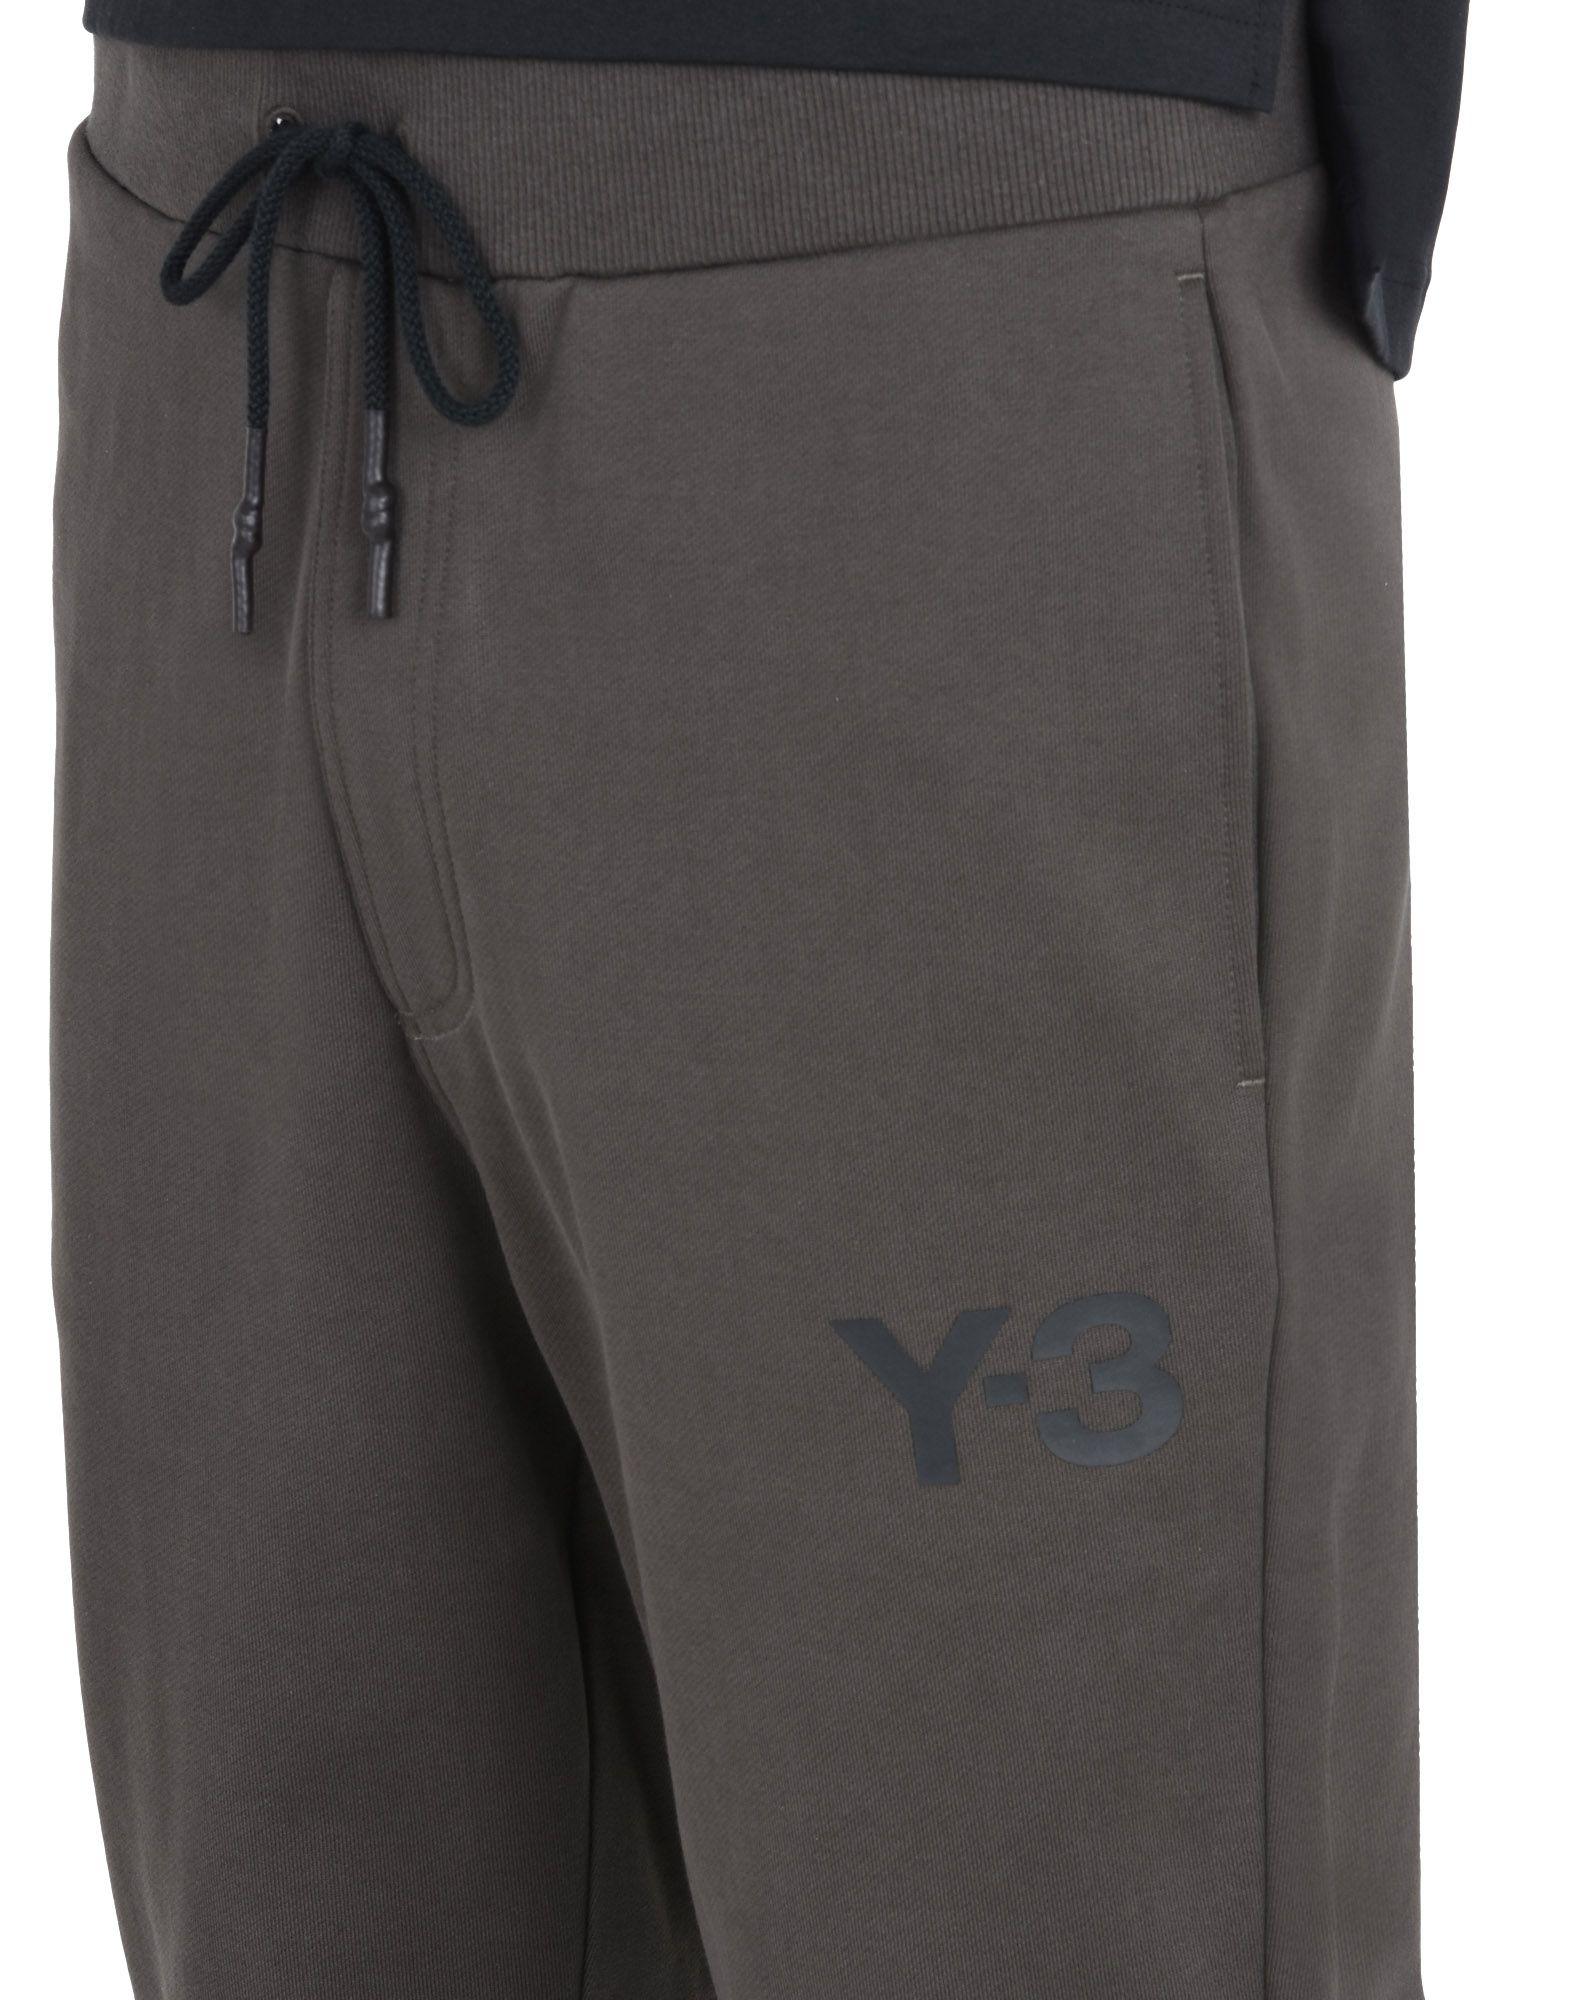 Y-3 Y-3 CLASSIC CUFFED PANT Sweatpants Man a